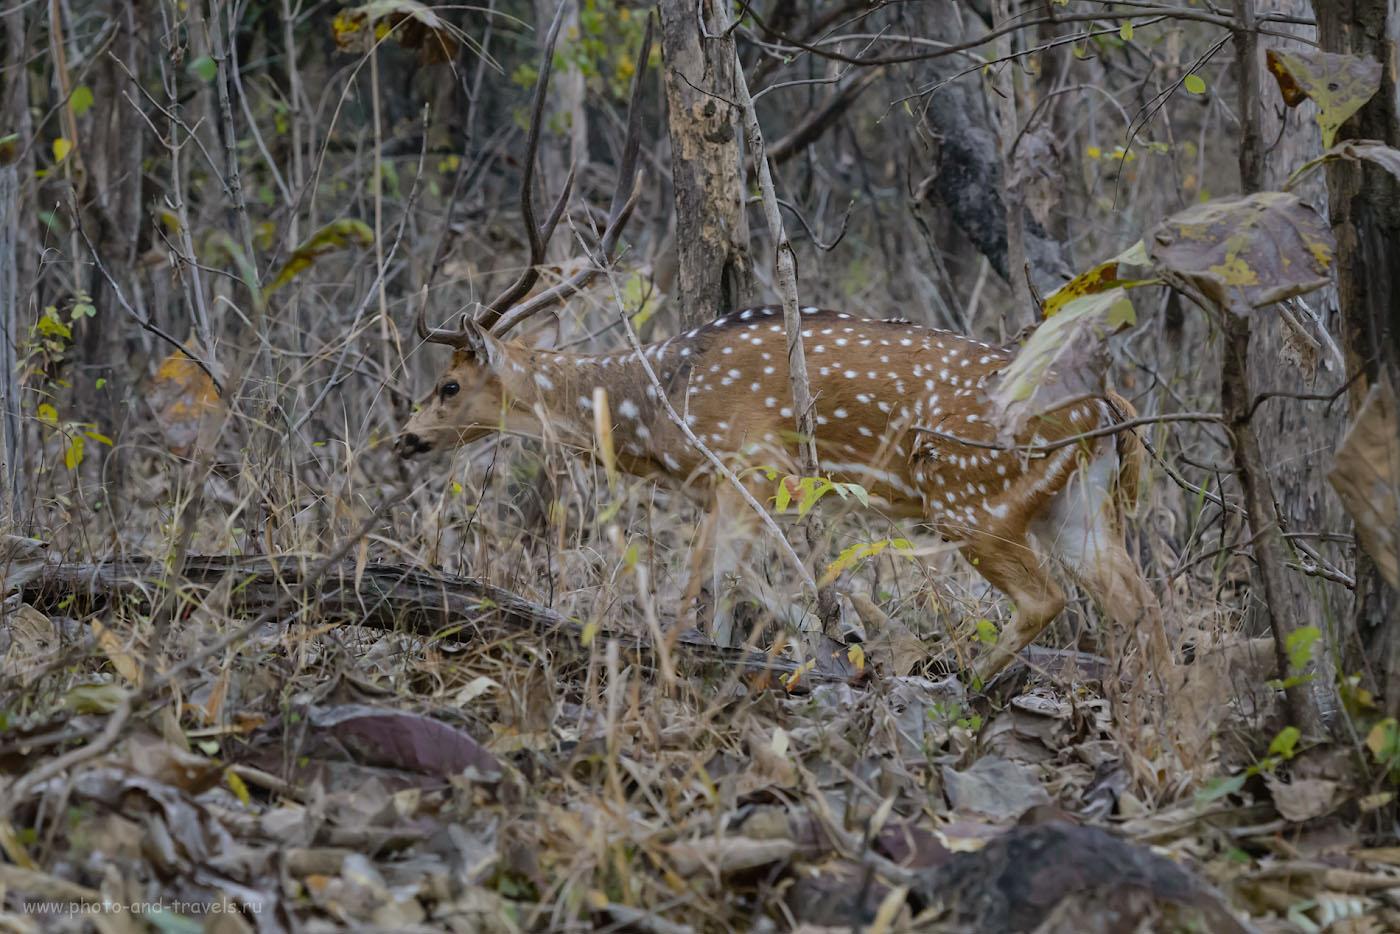 Фотография 4. Самец аксиса в зарослях буша. Что можно увидеть рядом с Кхаджурахо. 1/320, 7.1, 6400, 135.